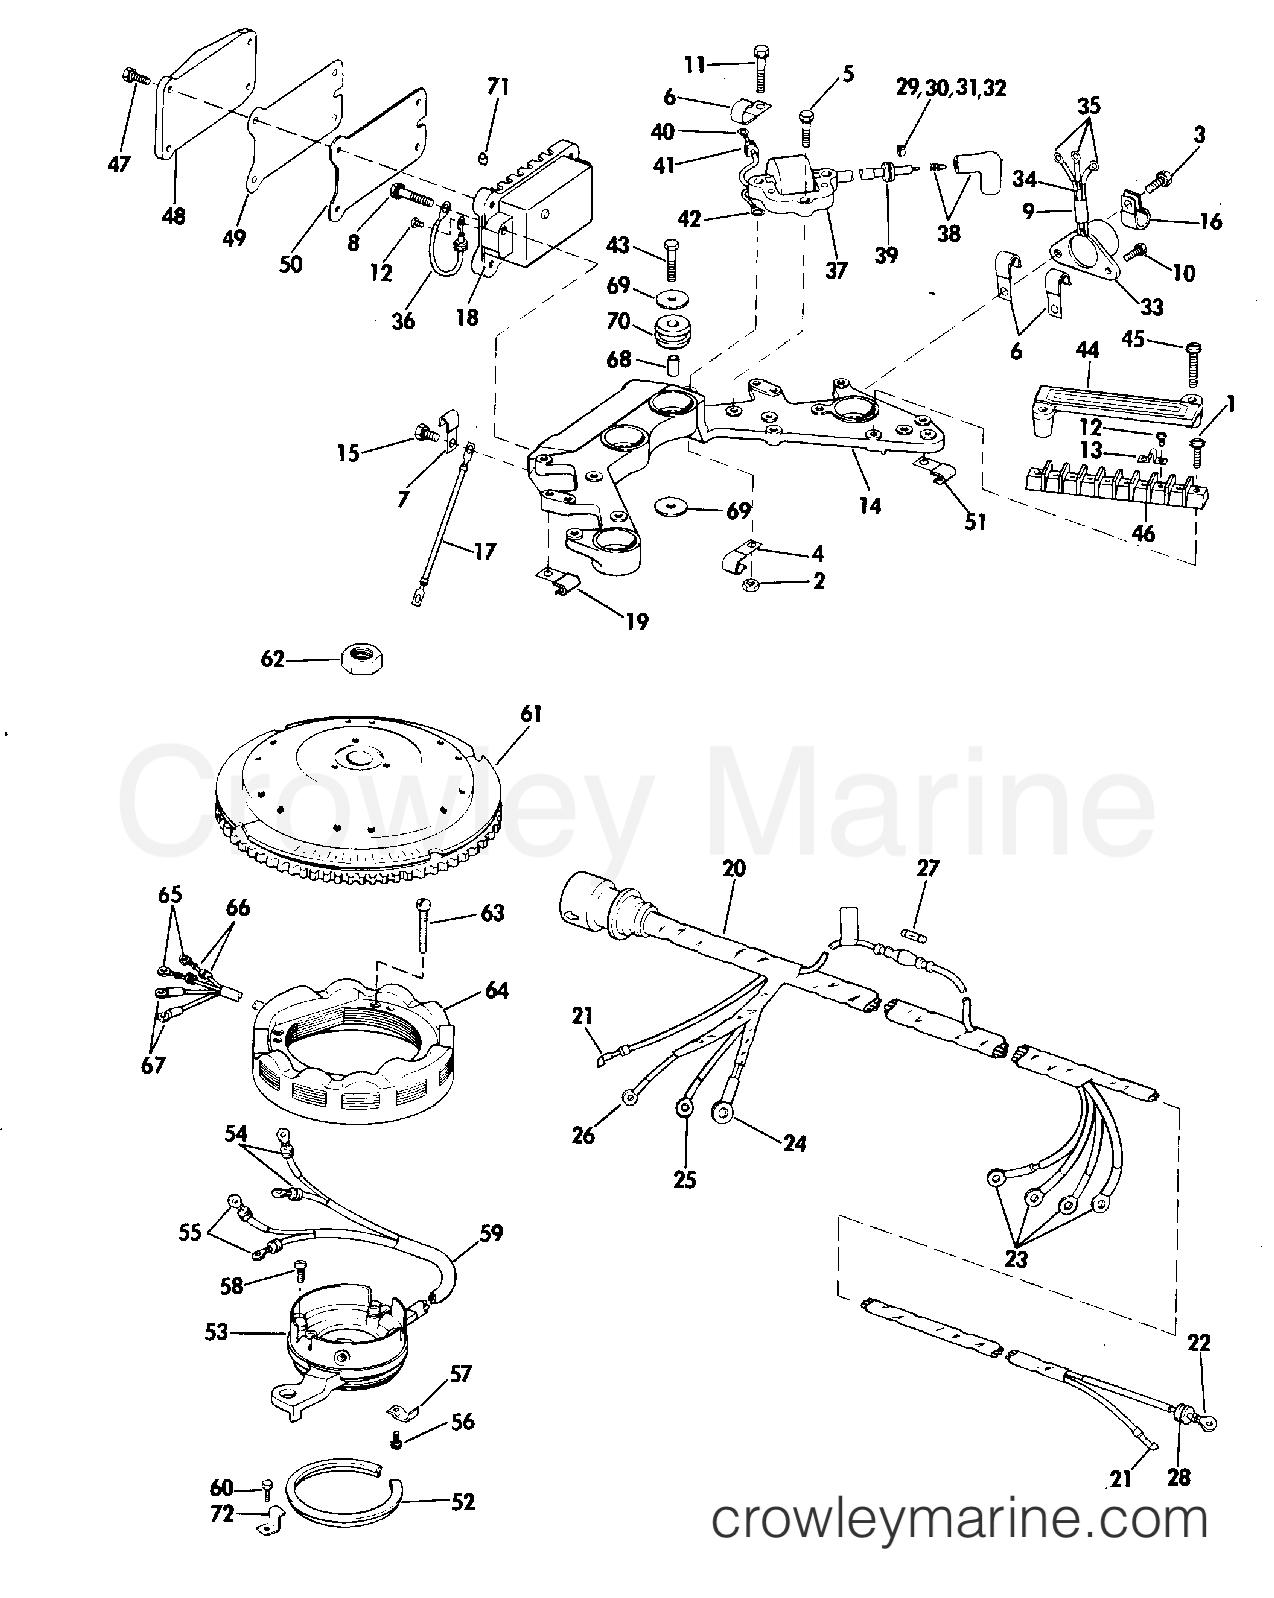 87 Blazer Wiring Diagram - All Diagram Schematics on